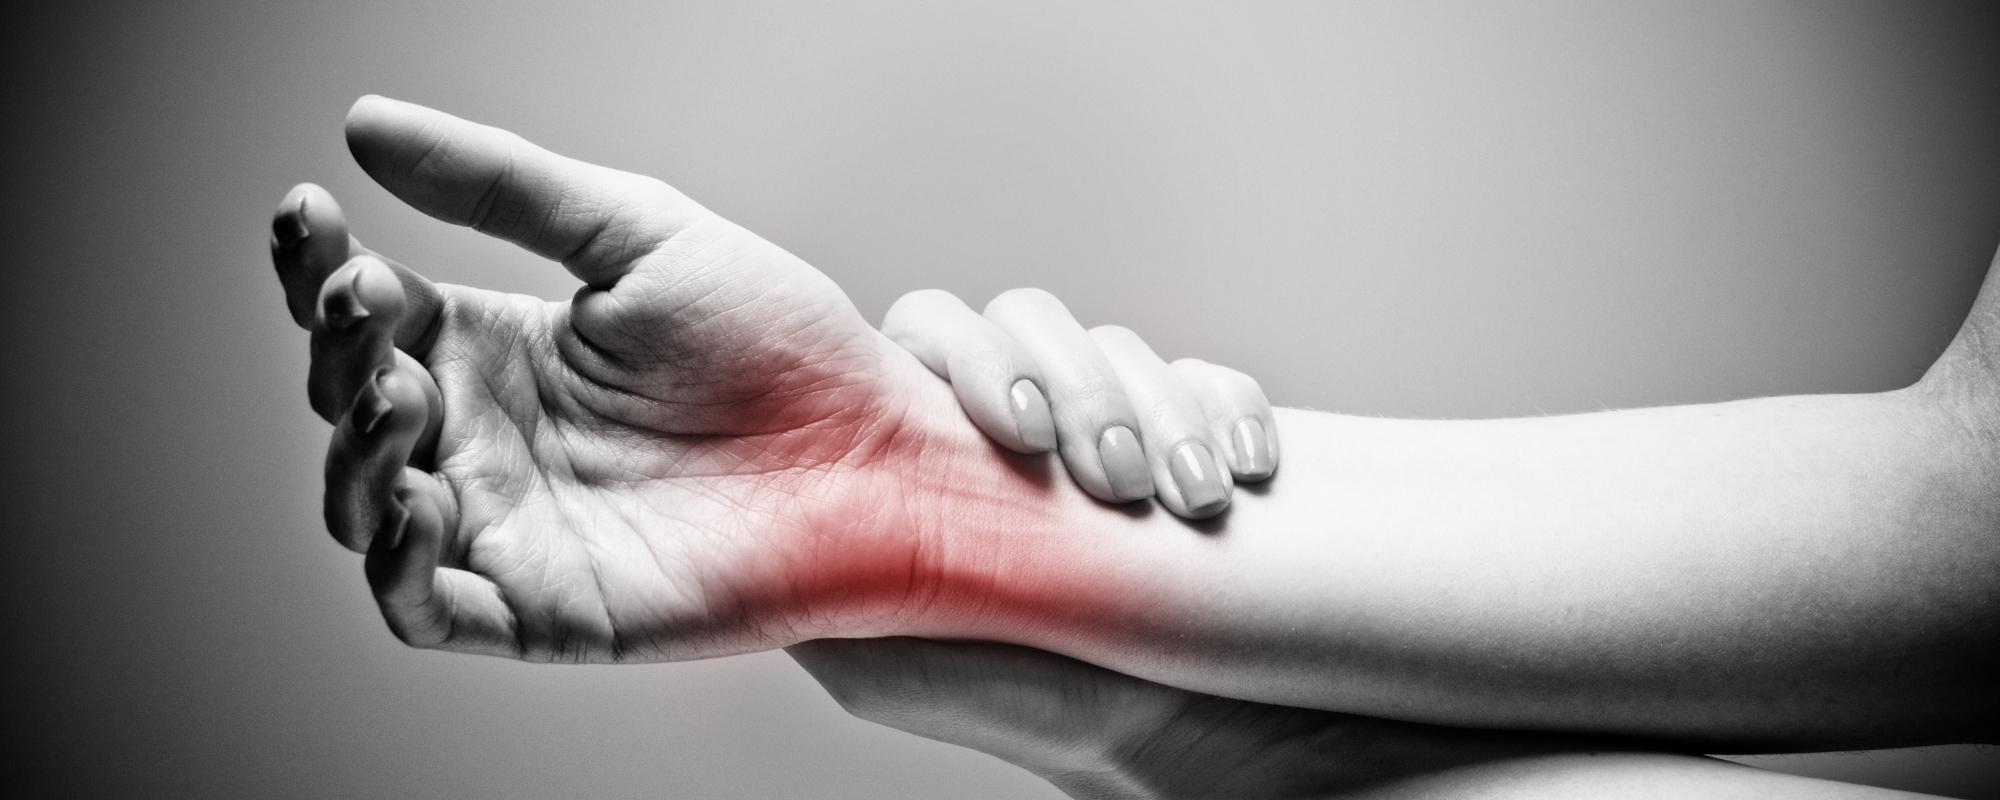 Системные патологии соединительной и мягких тканей